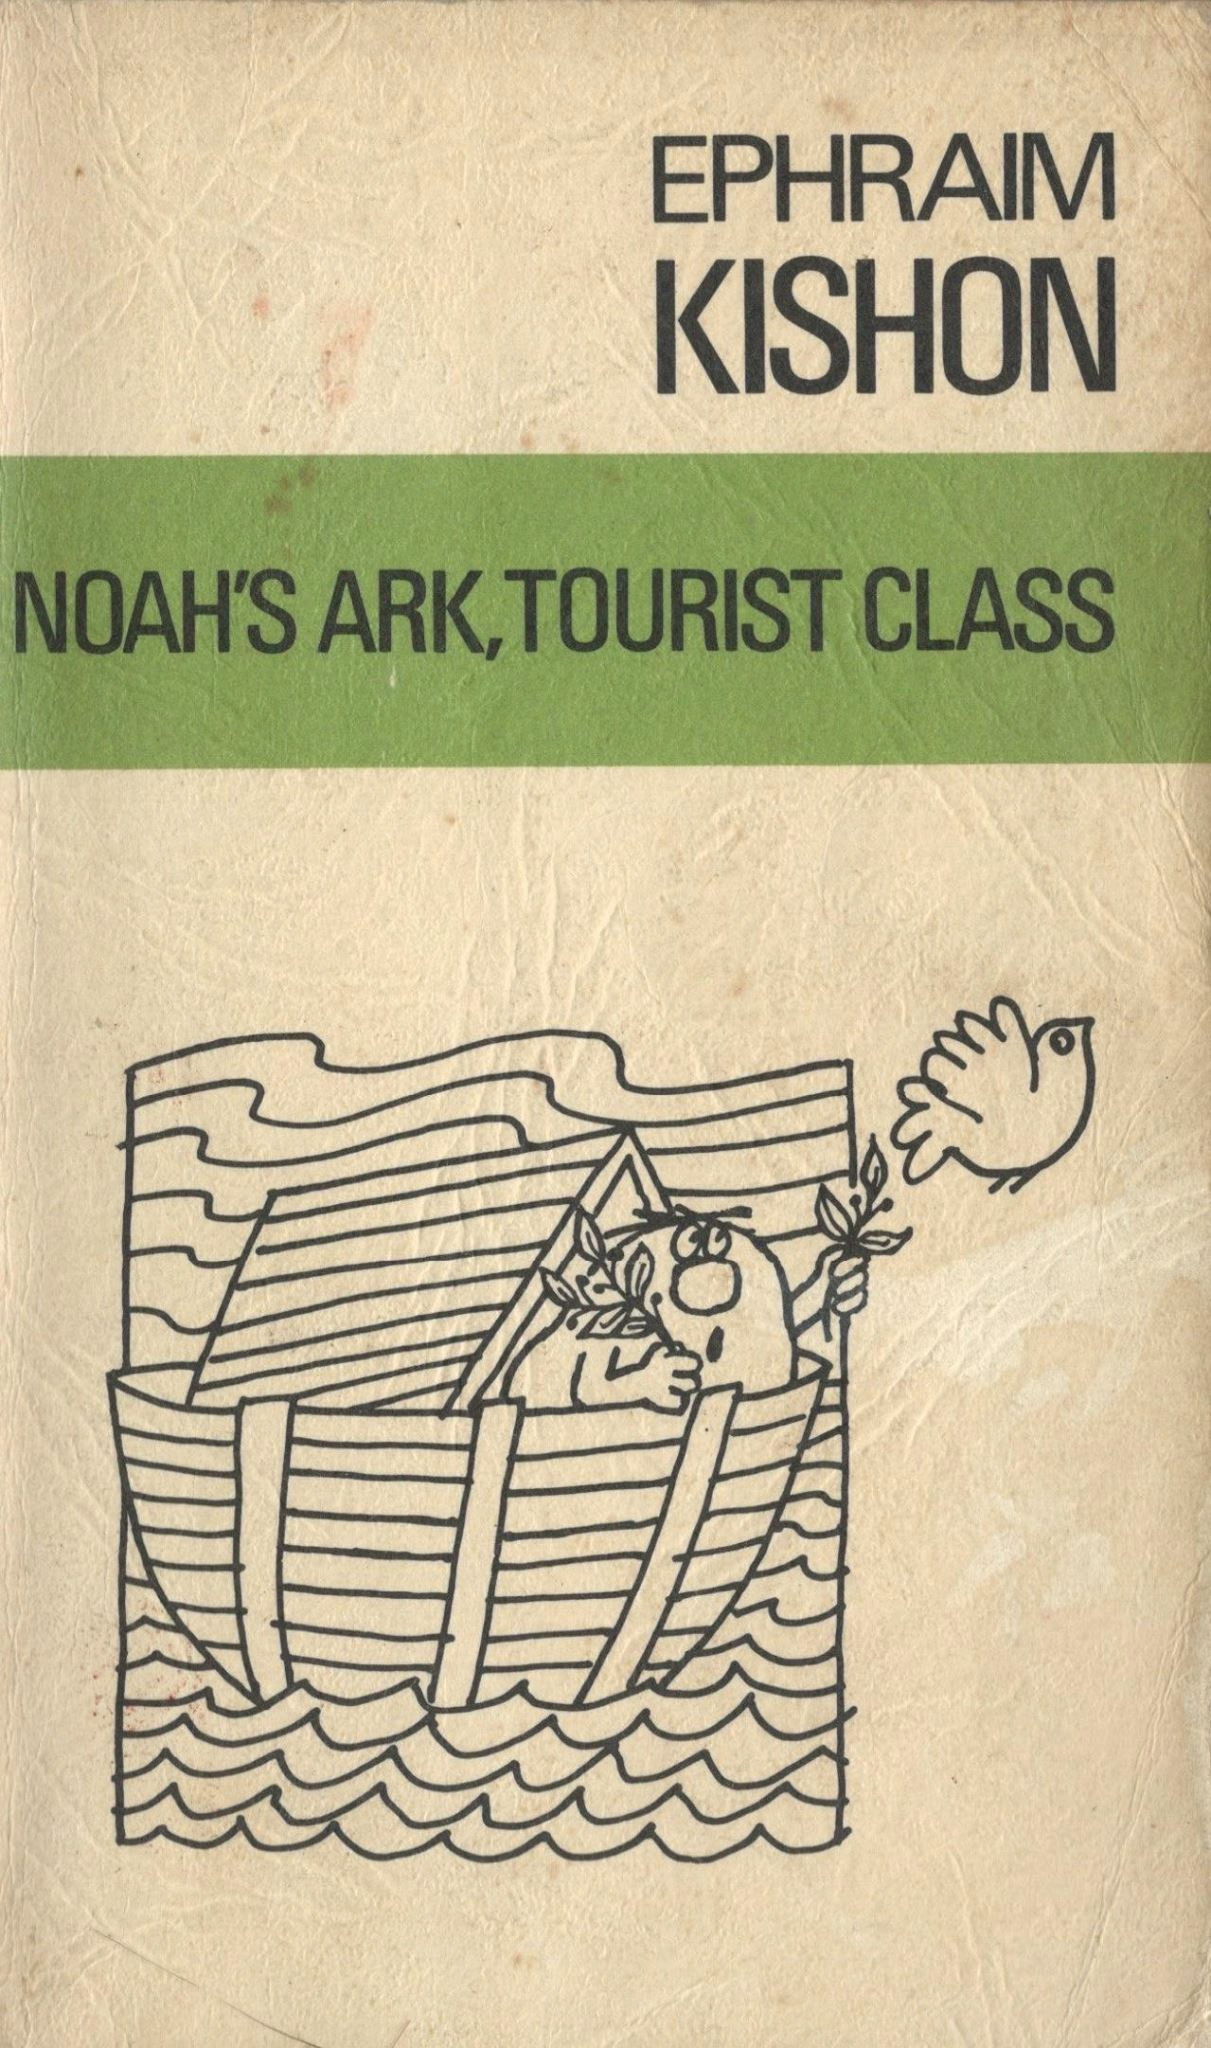 Noah'sArkTourisClass